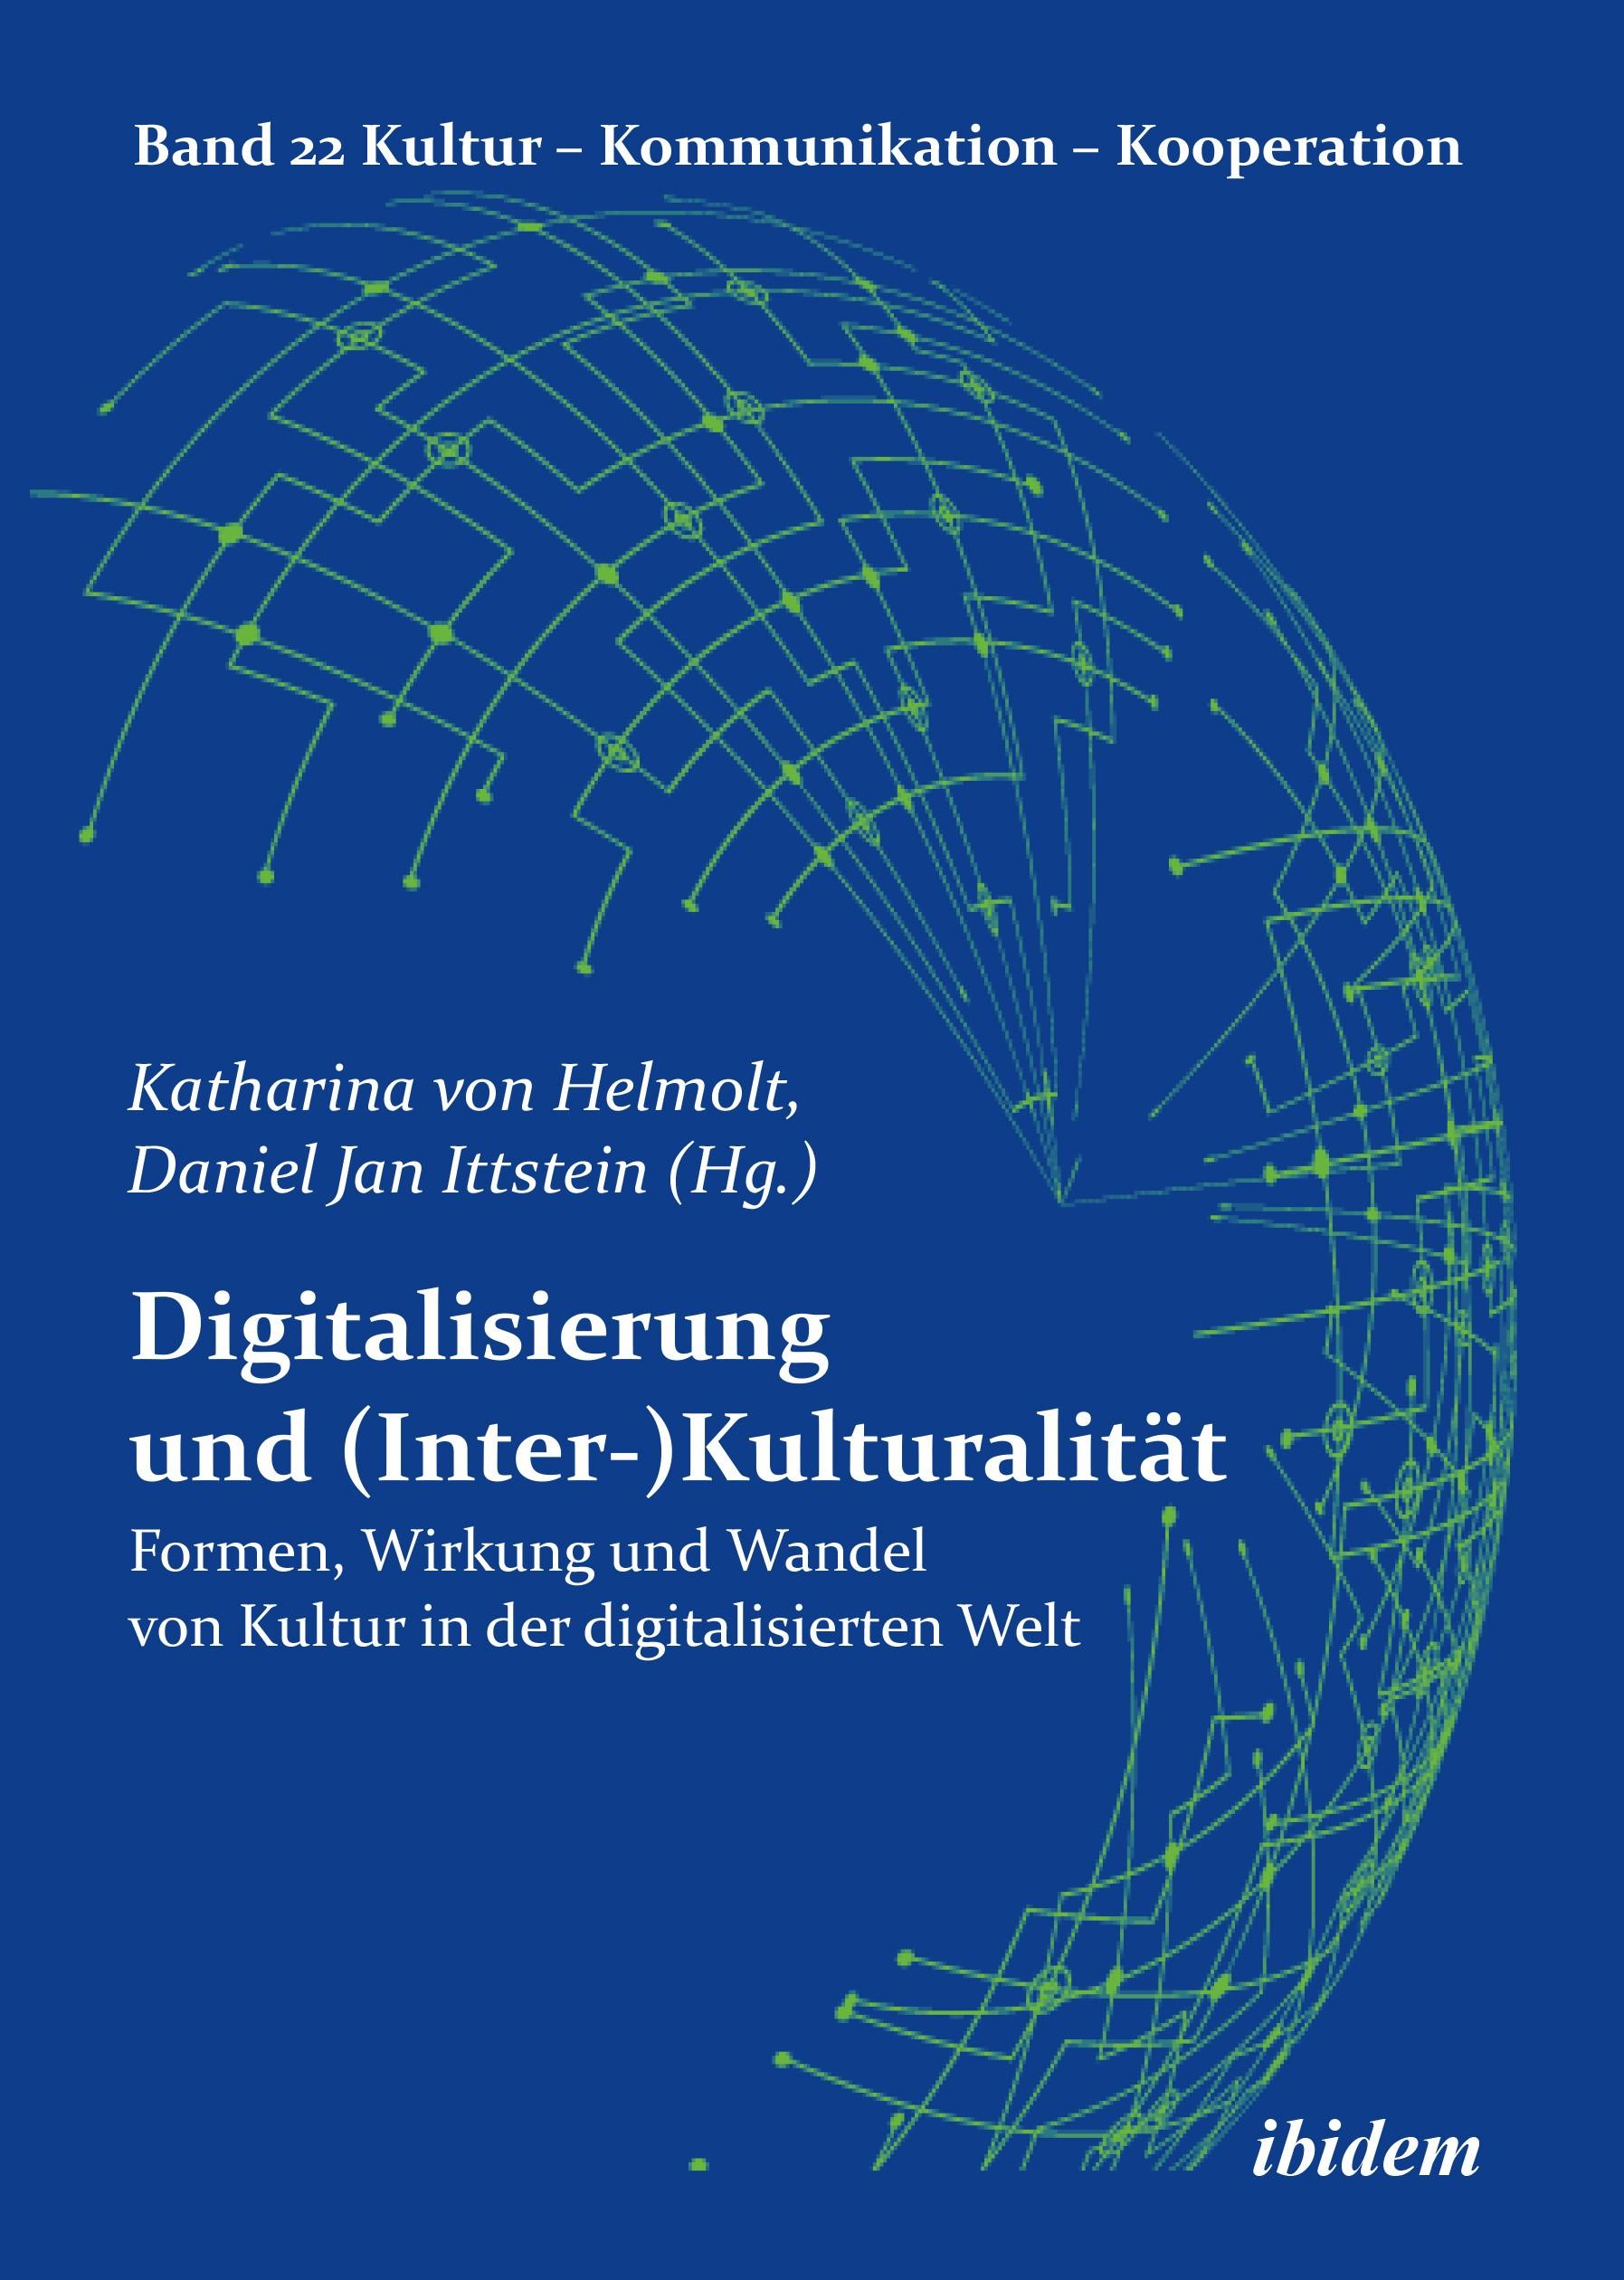 Digitalisierung und (Inter-)Kulturalität